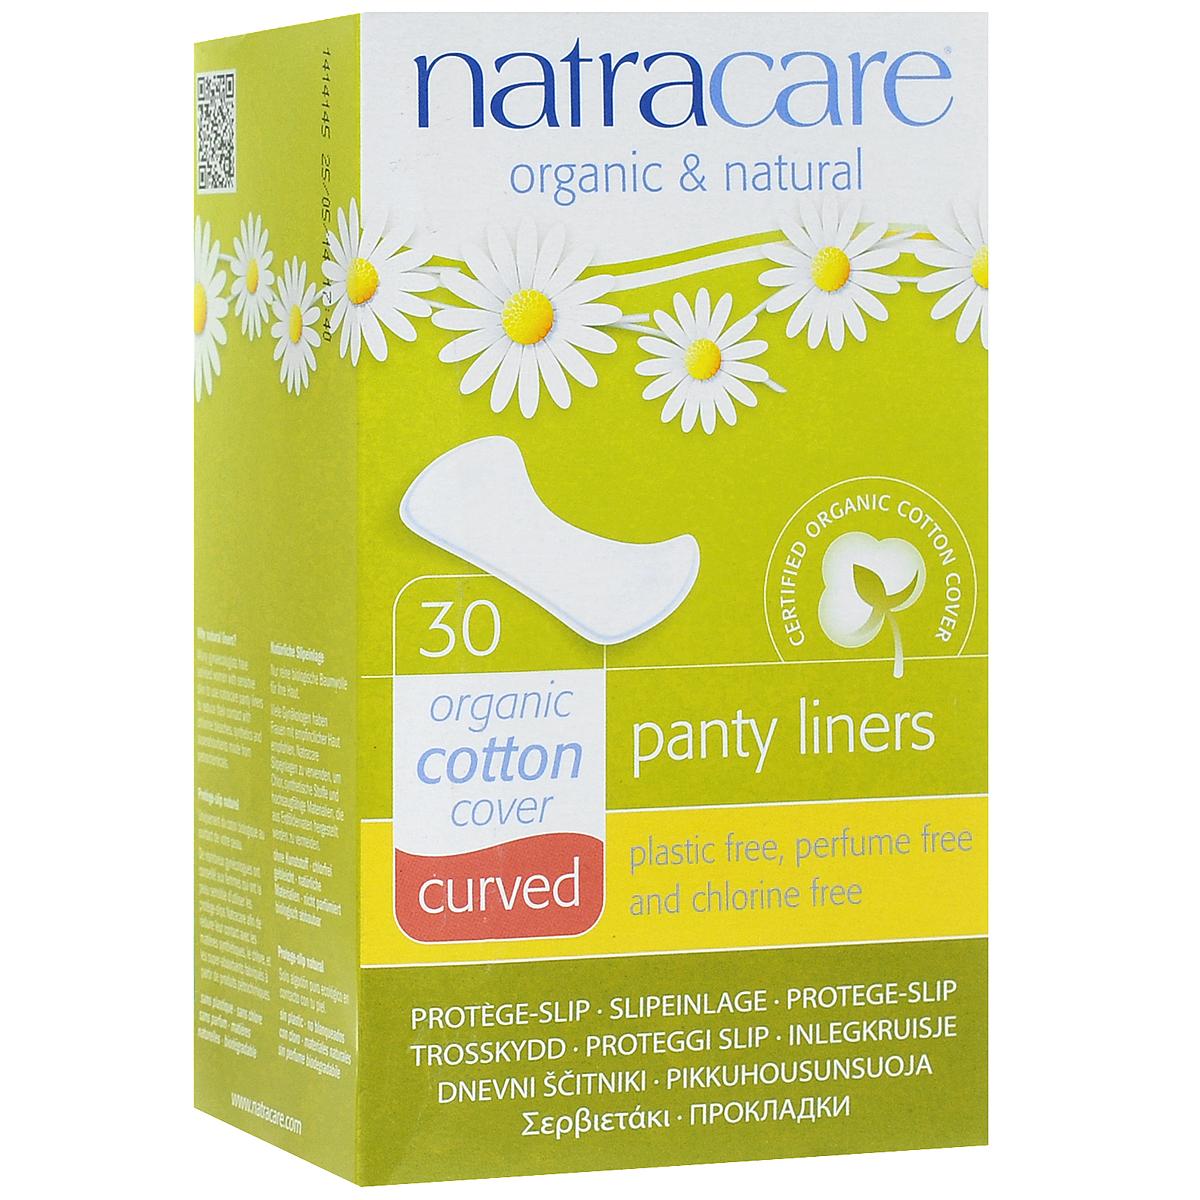 Natracare Ежедневные прокладки Curved, 30 штНС000Прокладки Natracare Curved, повторяющие анатомическую форму тела, предназначены для ежедневного использования, чтобы защитить нижнее белье и сохранить чувство свежести.Каждая прокладка снабжена влагонепроницаемым барьером. Прокладки изготовлены из 100% Био-хлопка - экологически чистого продукта, выращенного без использования пестицидов, не содержат вредные ингредиенты, не отбелены хлором, и полностью разлагаются после применения. В производстве прокладок использовался биопласт - пластик нового поколения, изготовленный из кукурузного крахмала, без ГМО. Он воздухопроницаемый, но не пропускает жидкость. В противоположность обычным пластикам, биопласт изготовлен из растительных материалов и биоразлагается. Товар сертифицирован.